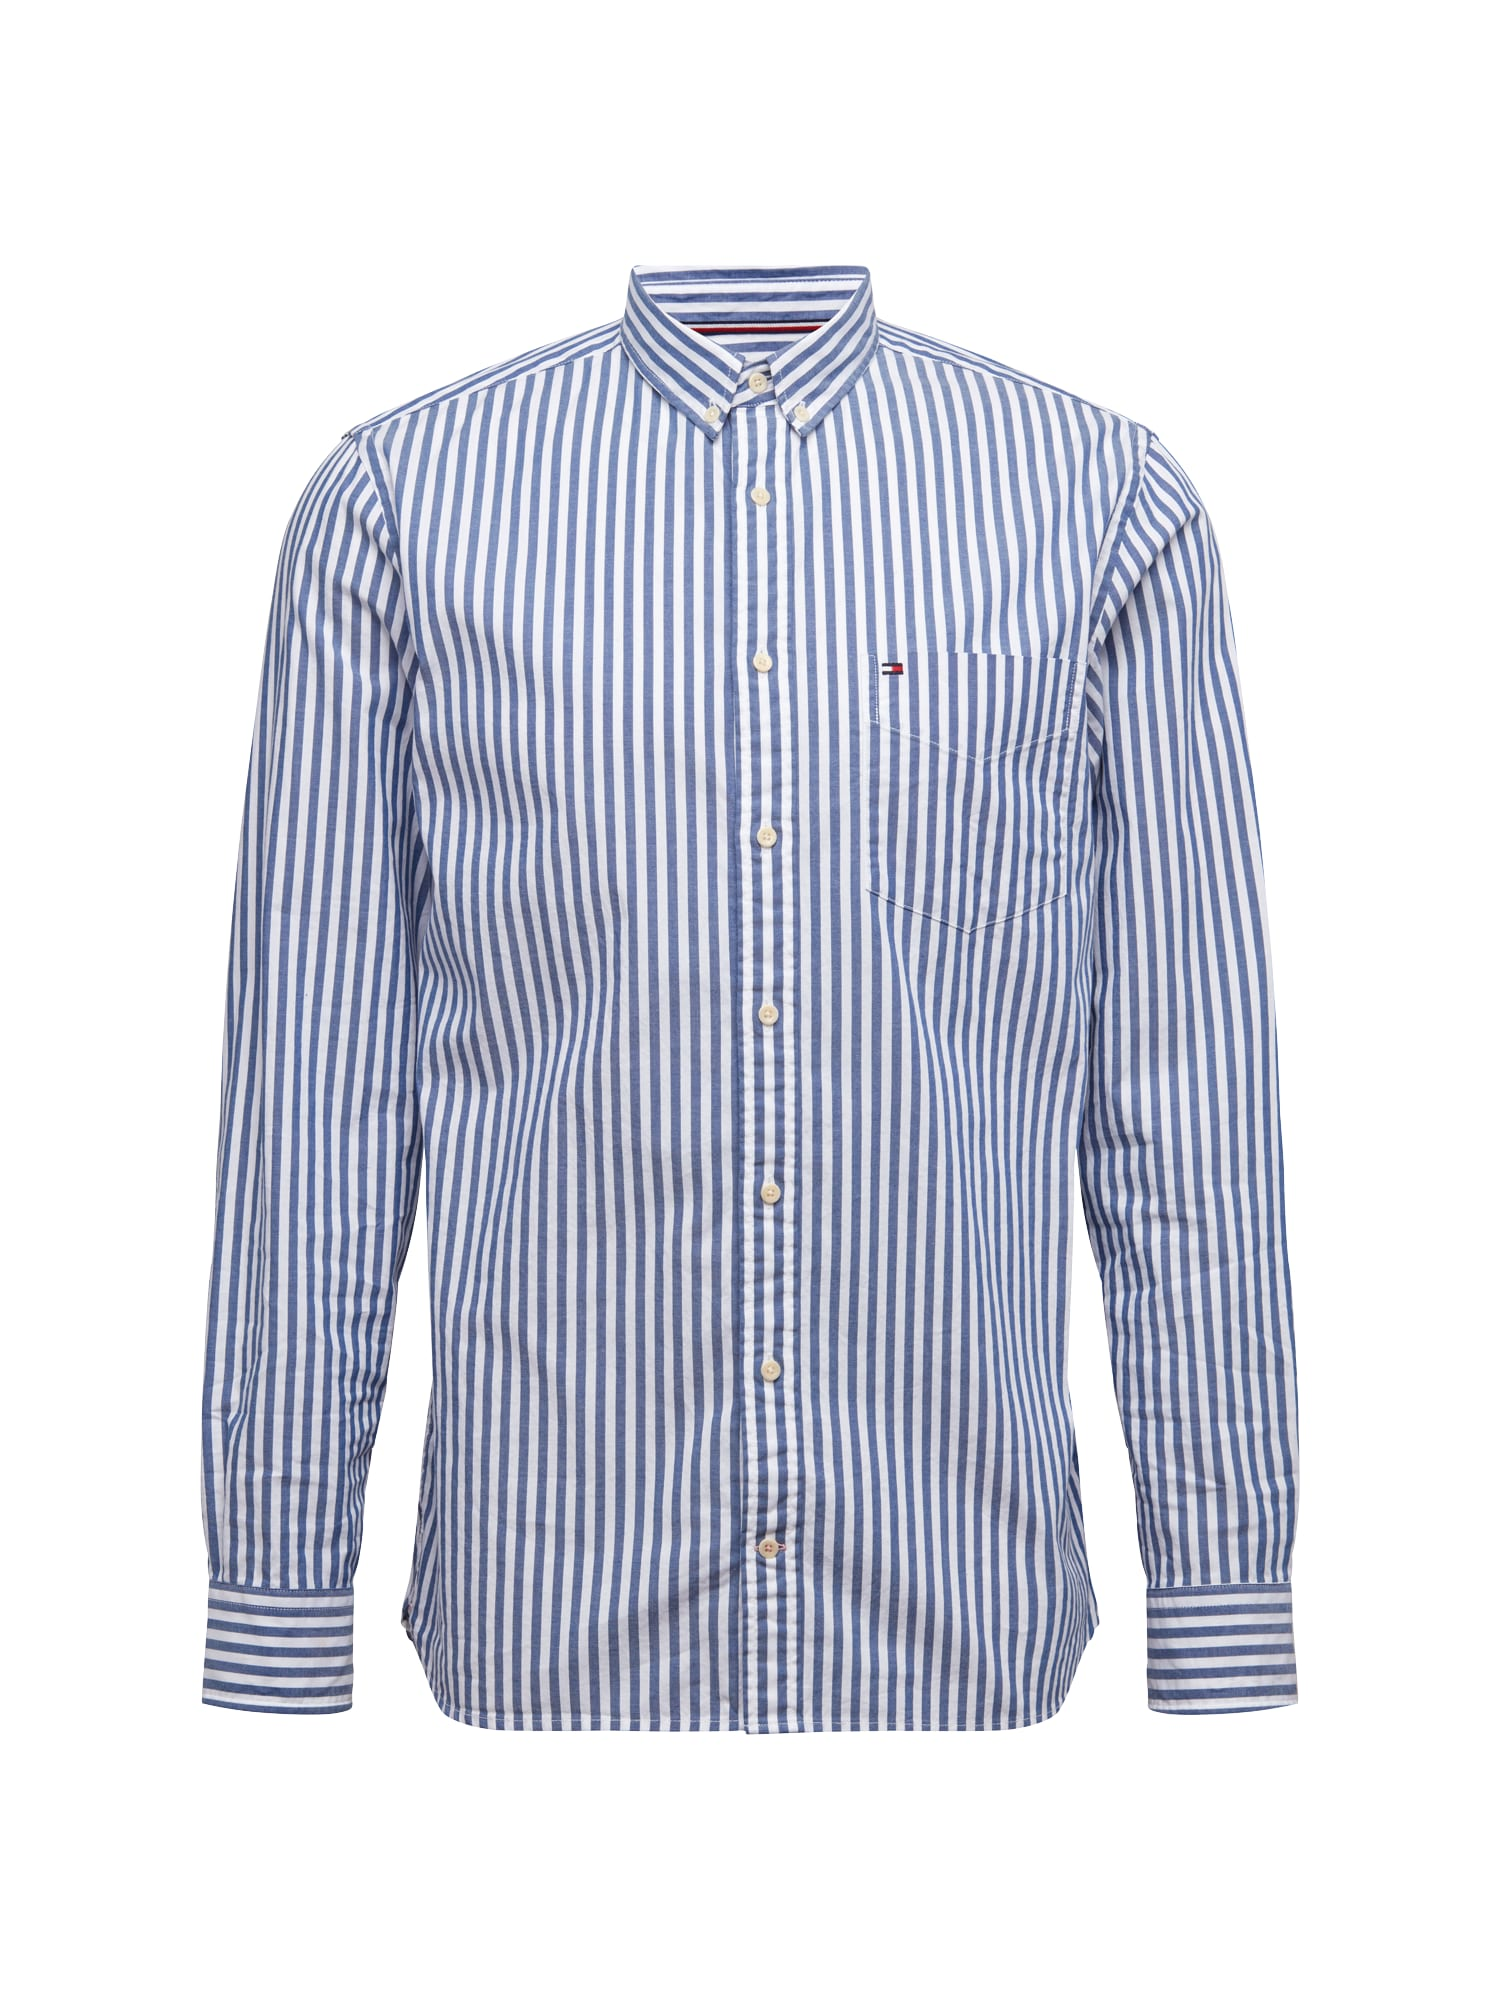 Košile Oxford královská modrá bílá TOMMY HILFIGER